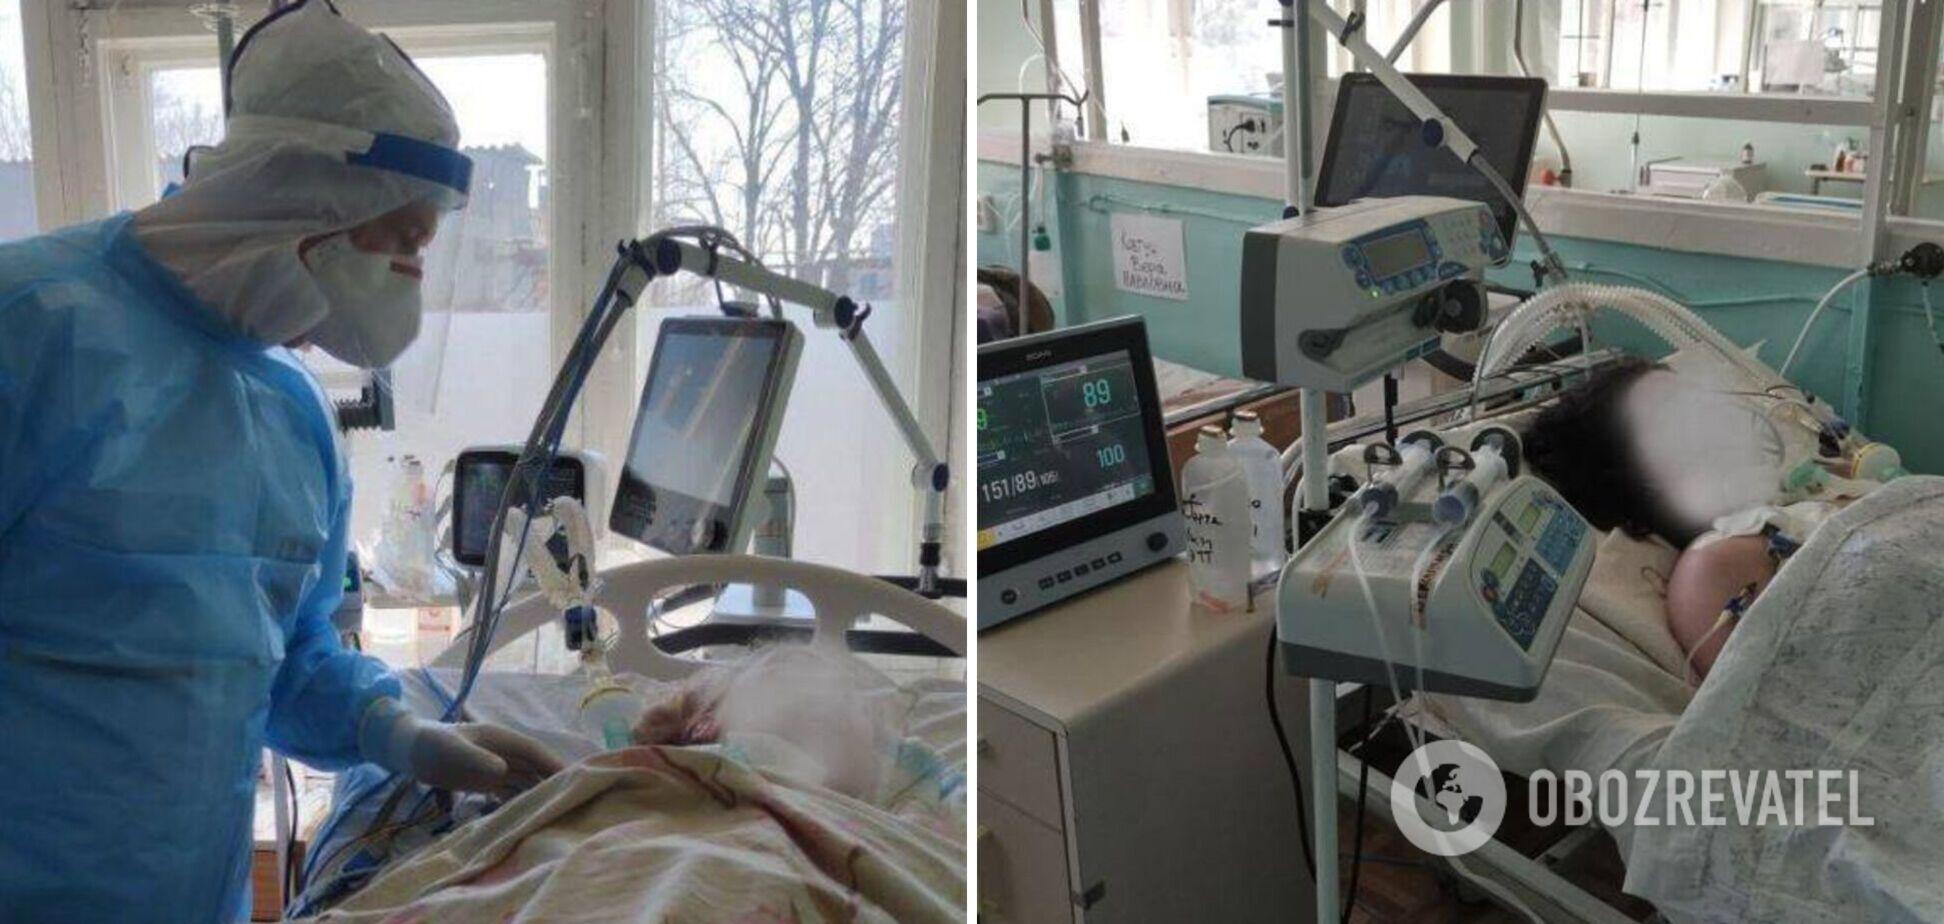 Борьба с COVID-19: реанимация перегружена втрое, медсестры падают в обмороки